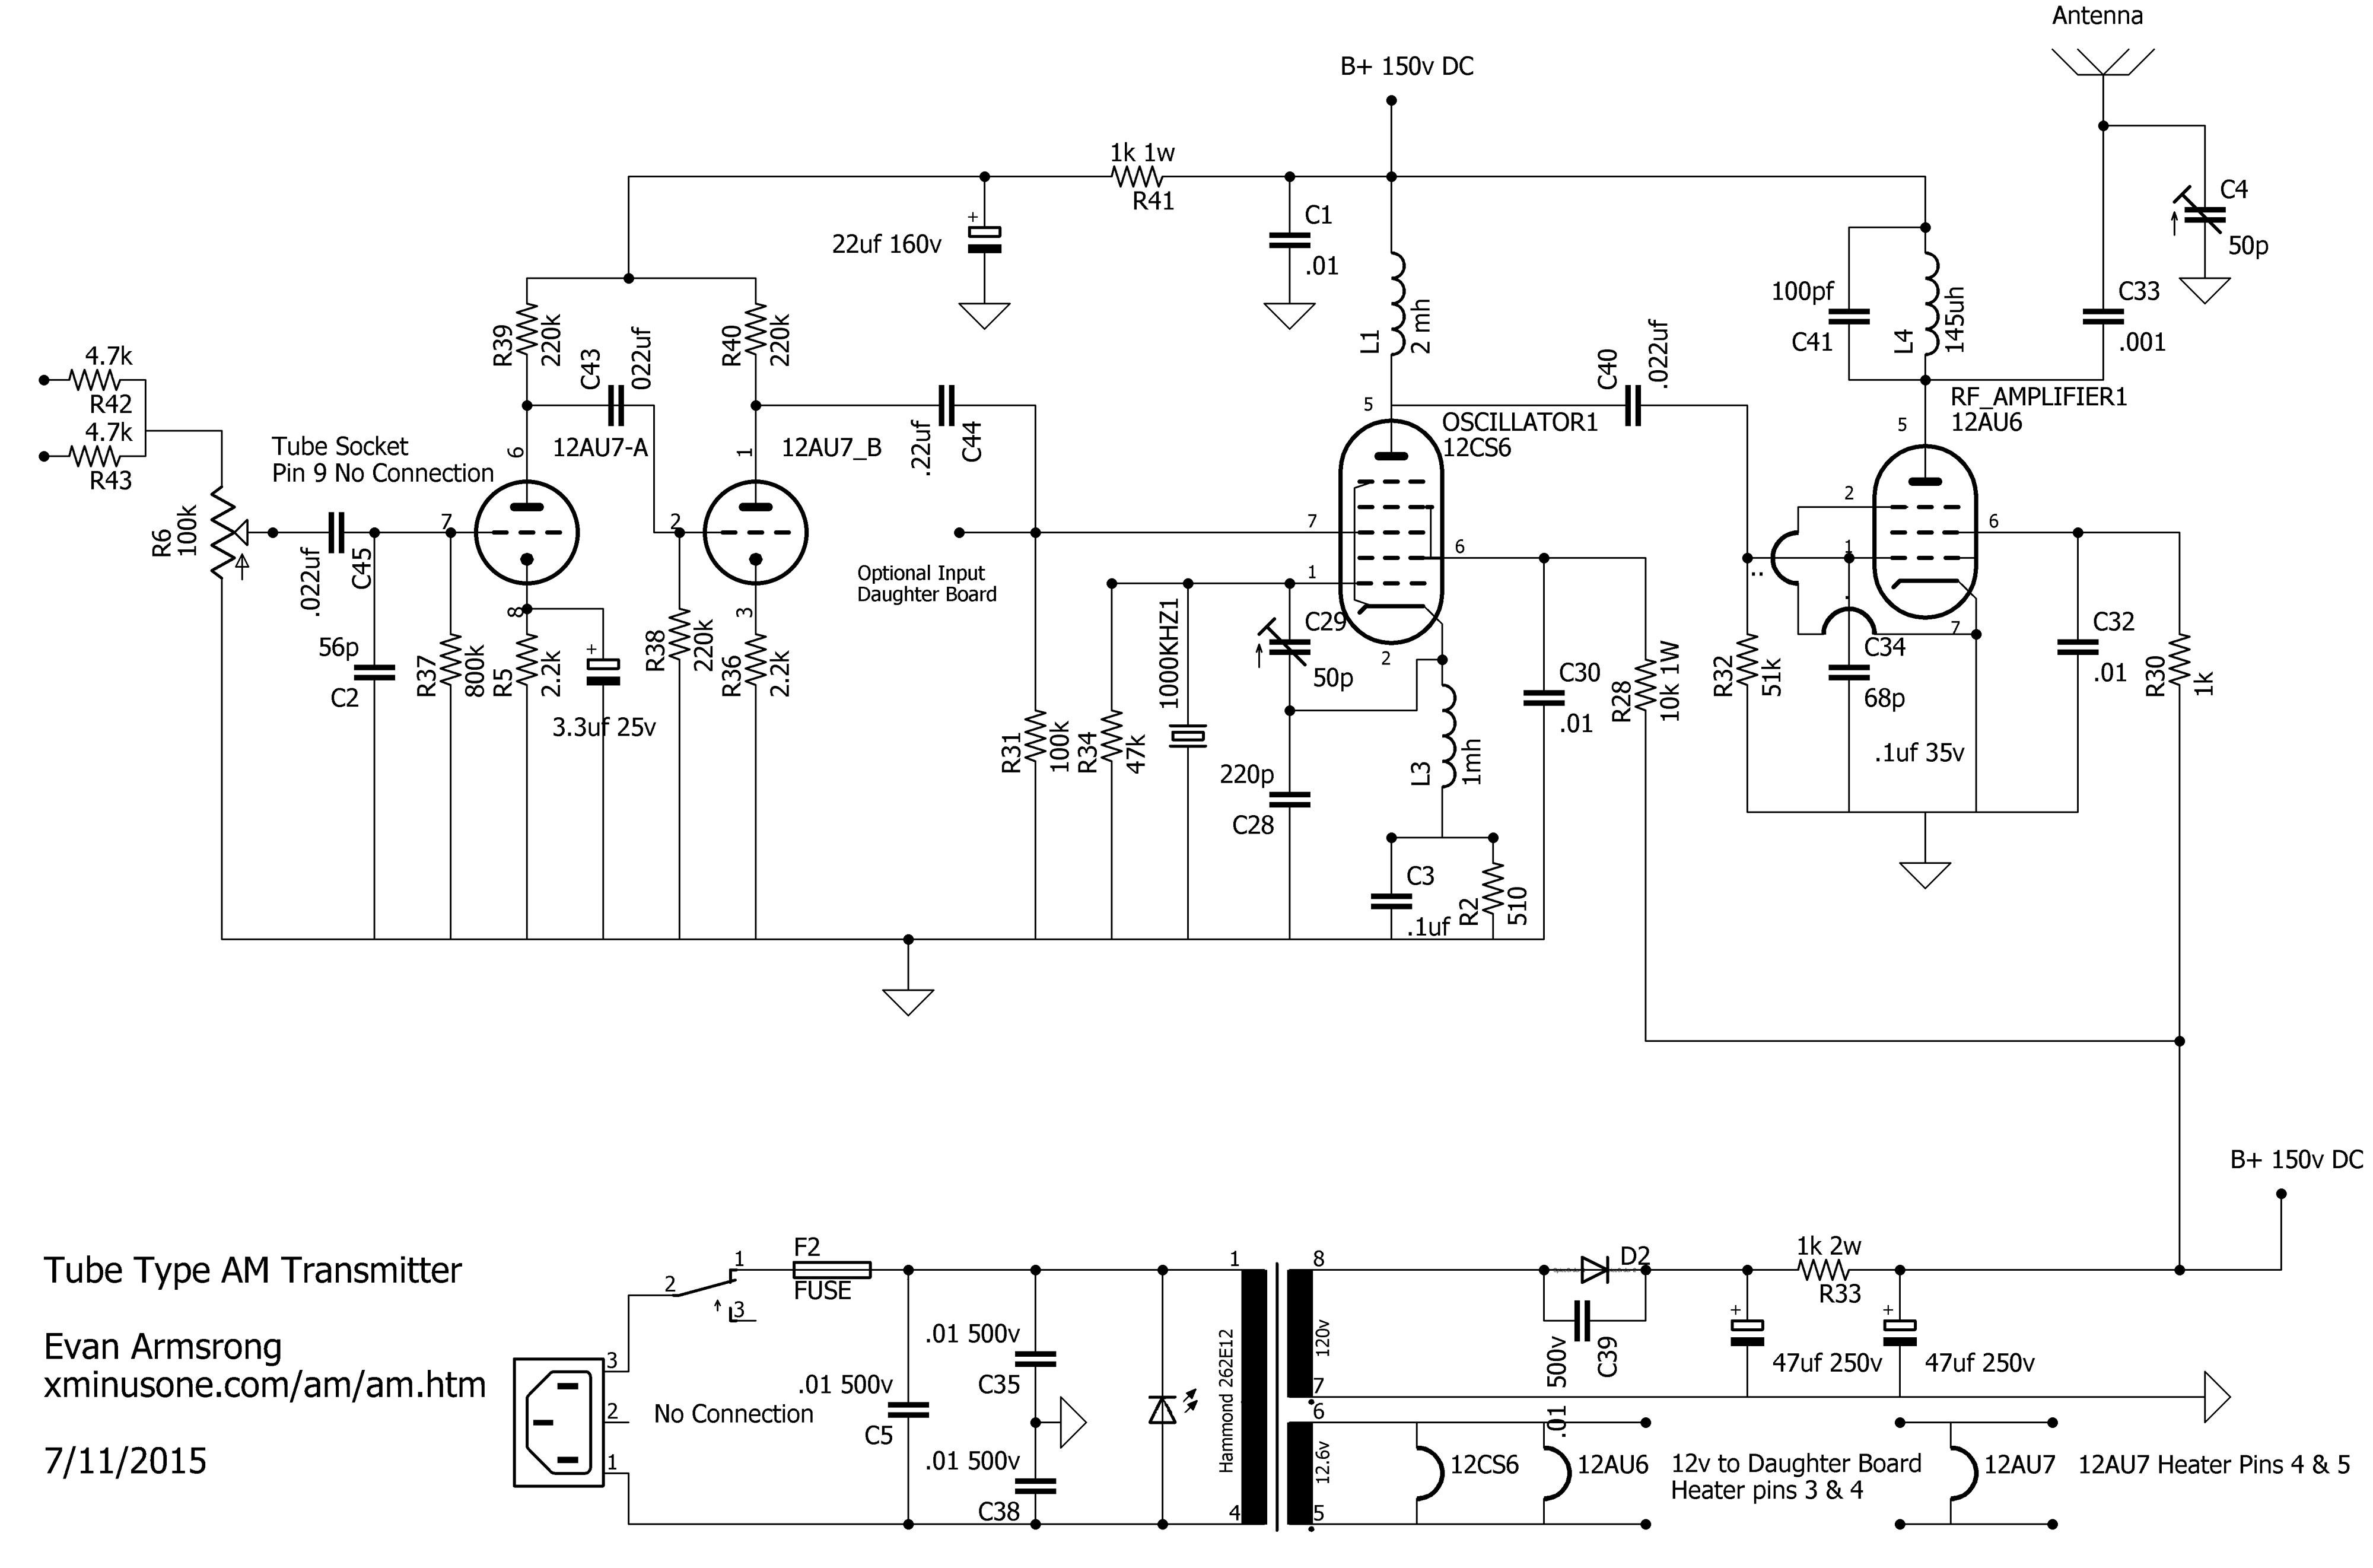 dpdt switch schematic    352 x 466